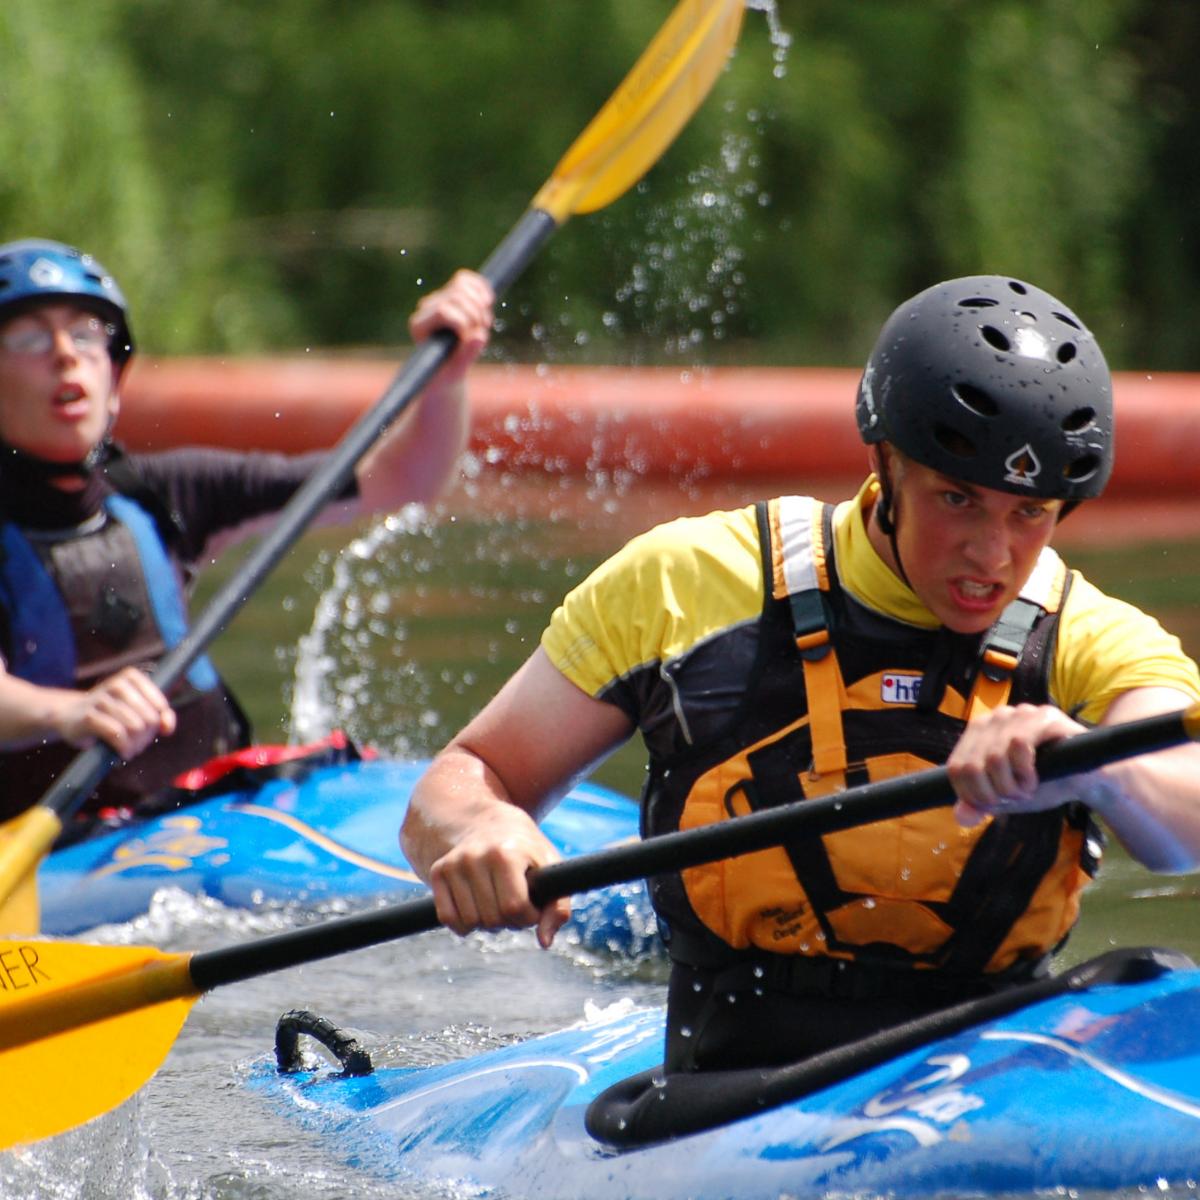 Two boys kayaking